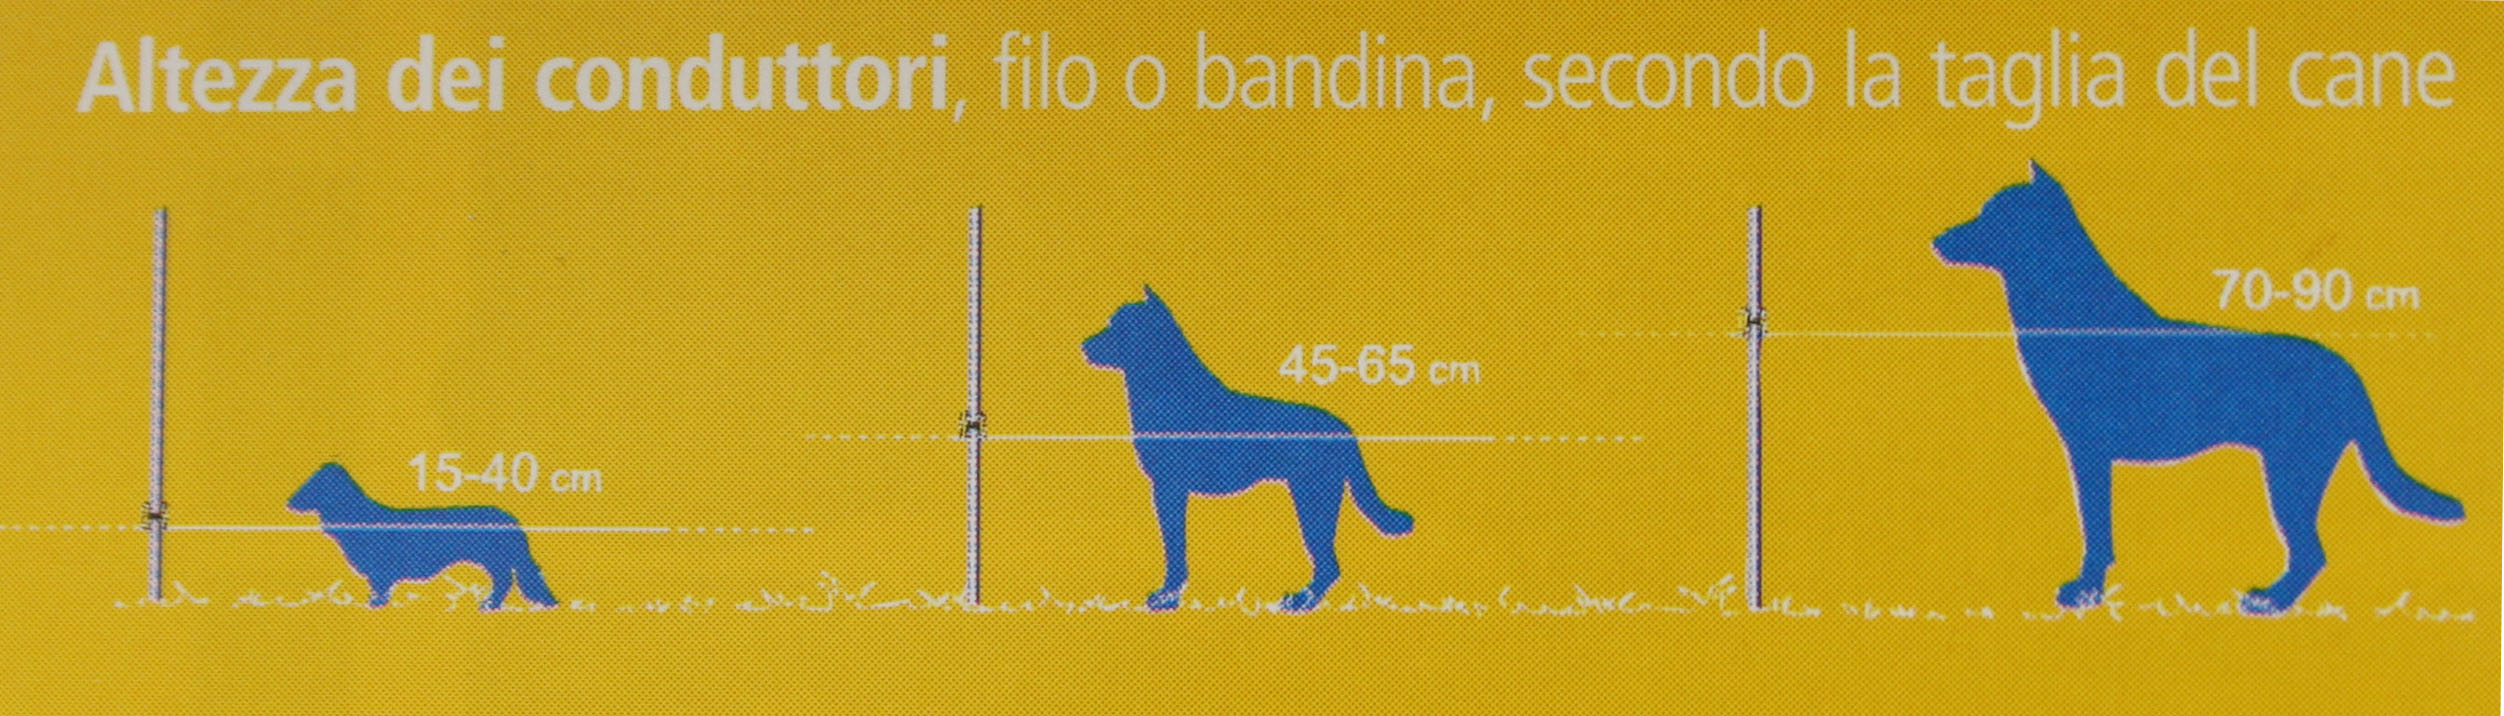 Recinzioni elettriche per cani myselleria blog for Recinto cani fai da te